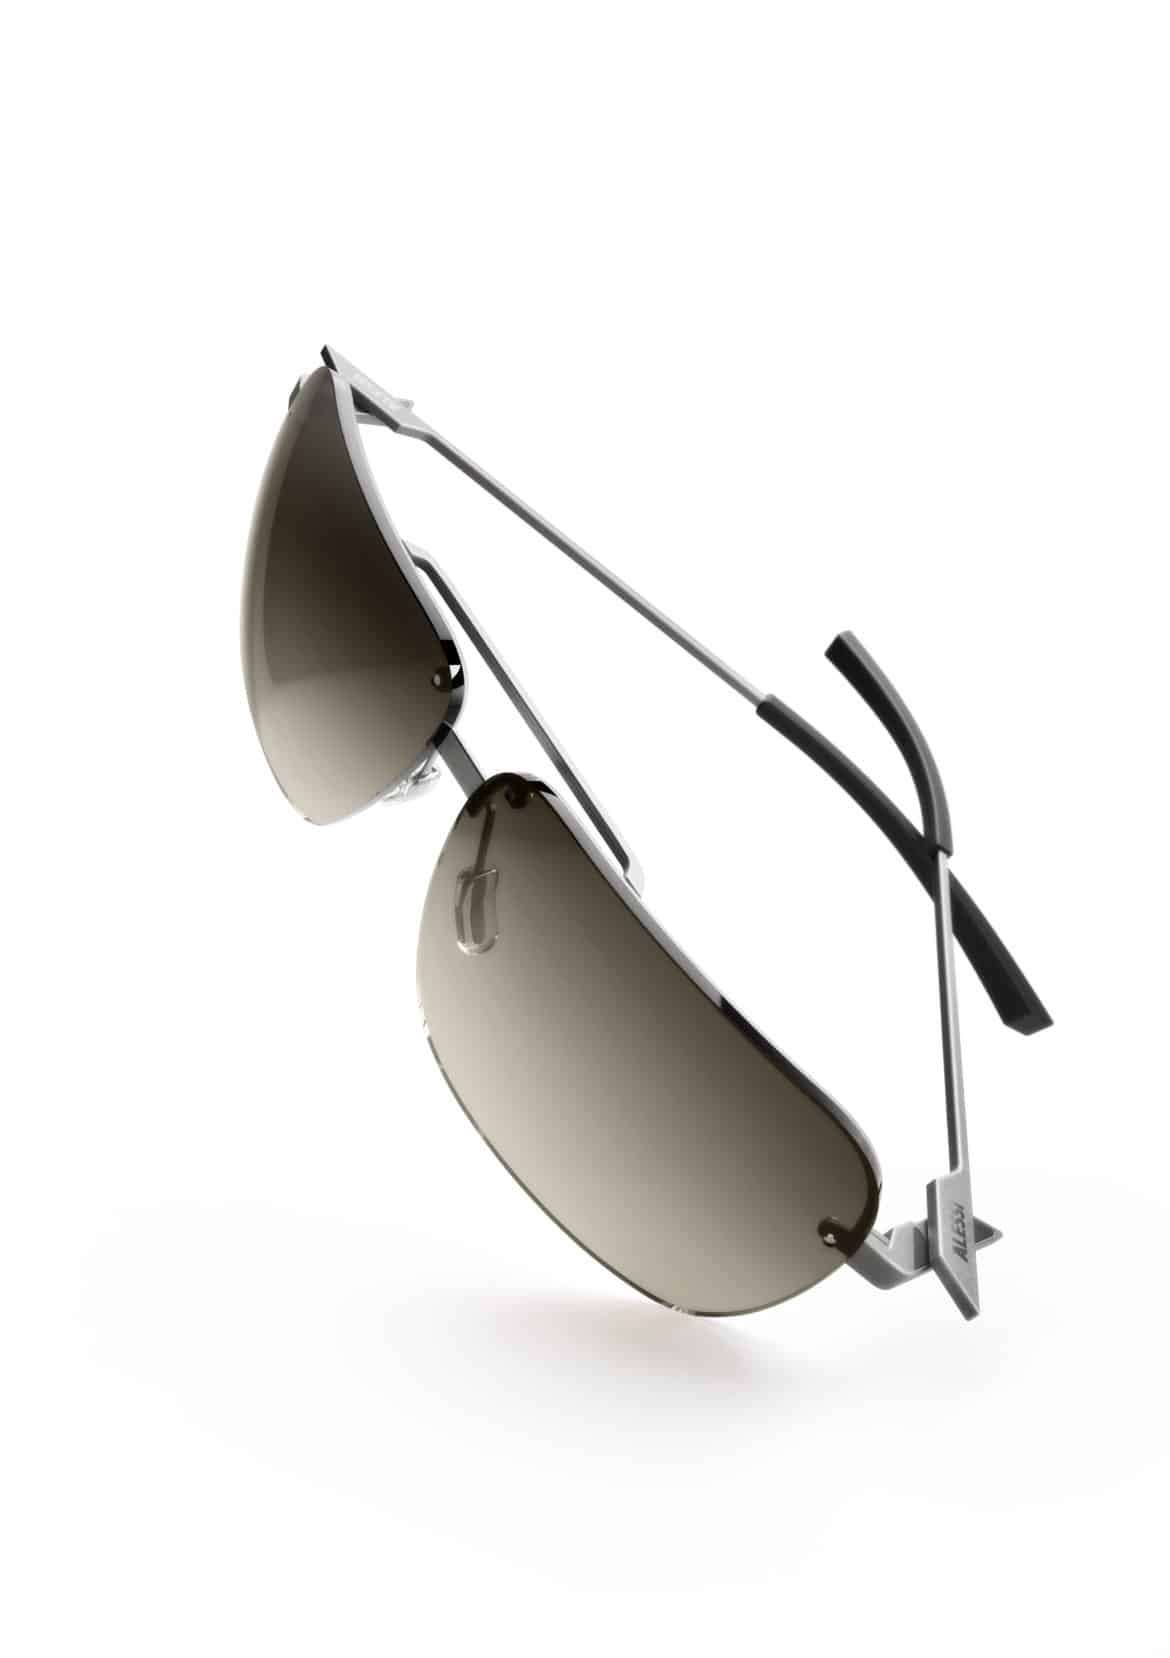 Alessieyes, la nuovissima collezione di occhiali artigianali di Alessi presentata al MIDO